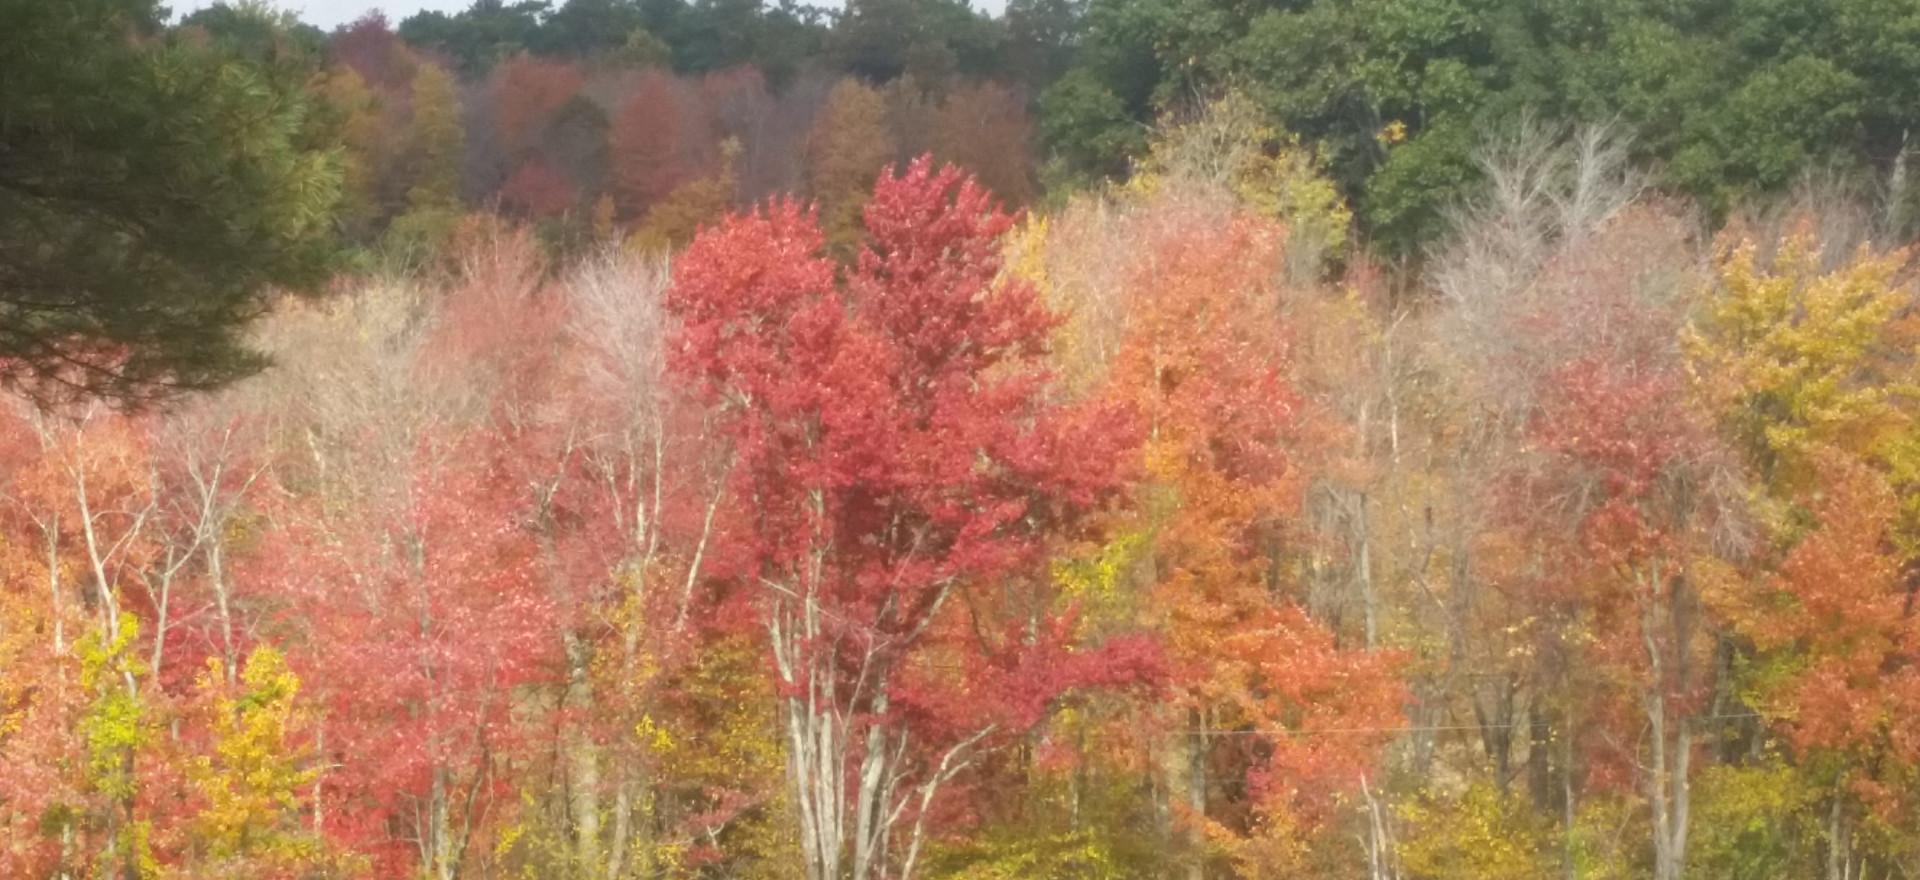 Fall Foliage - Trail Ride Behind Barn